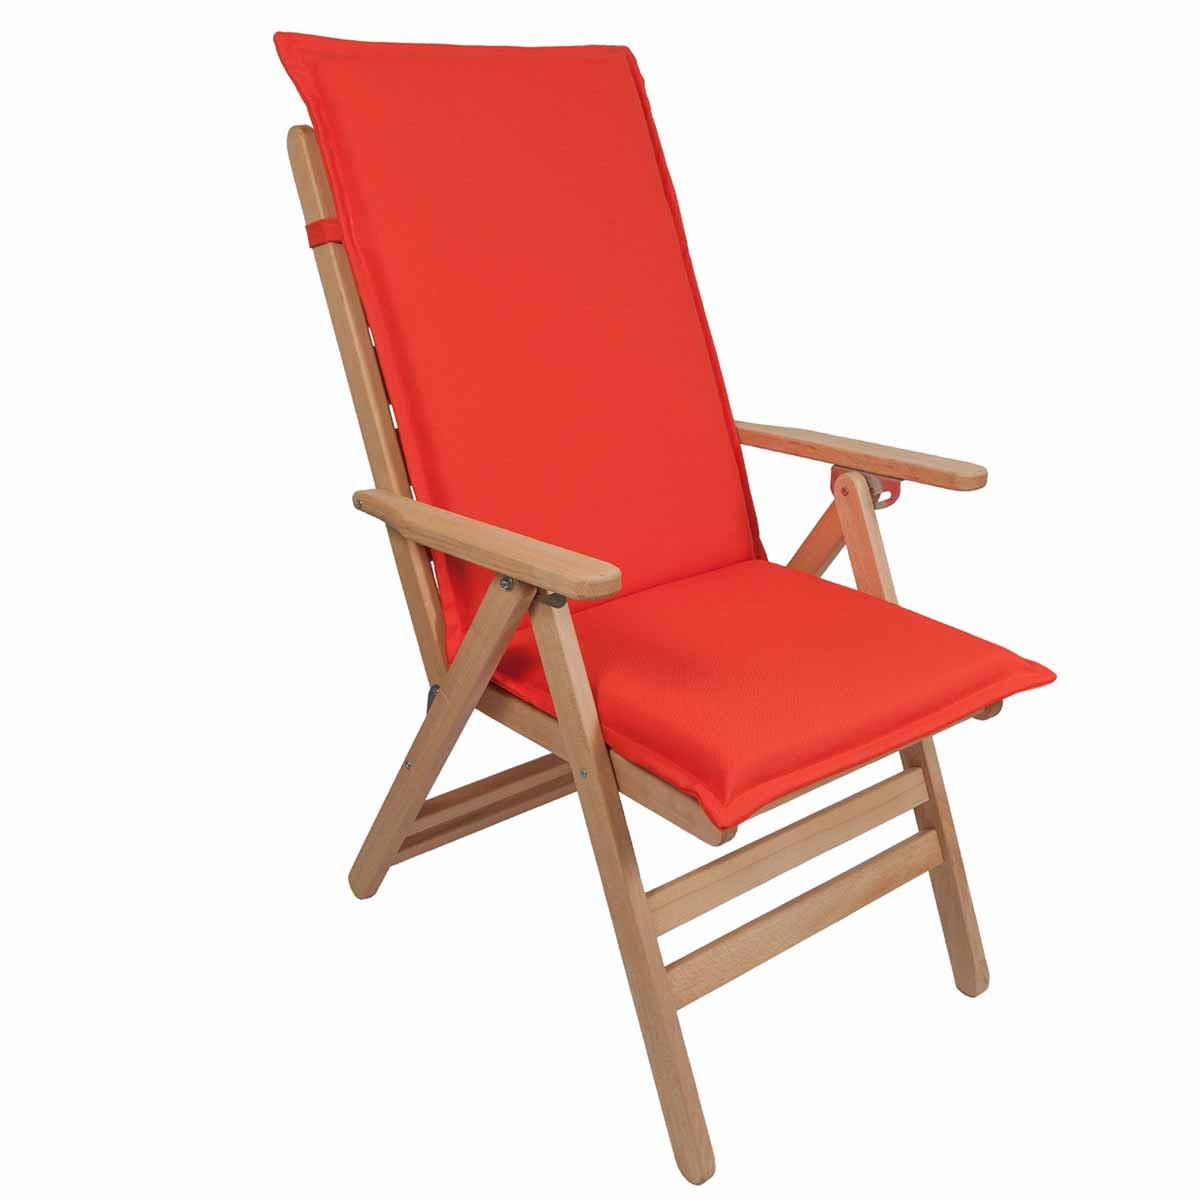 Μαξιλάρι Καρέκλας Με Πλάτη 112cm Be Comfy Orange 904